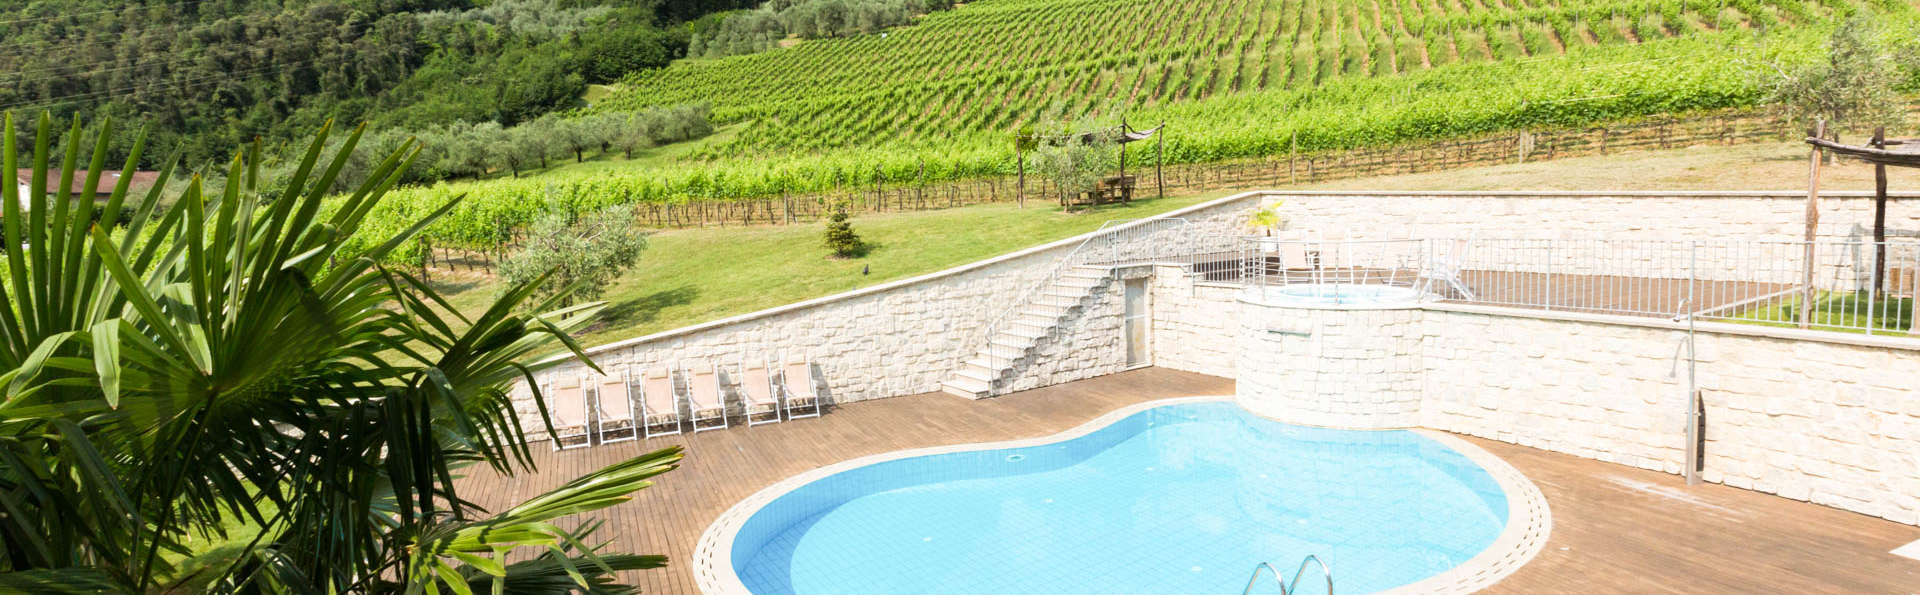 Residence la Vigna - EDIT_POOL2.jpg